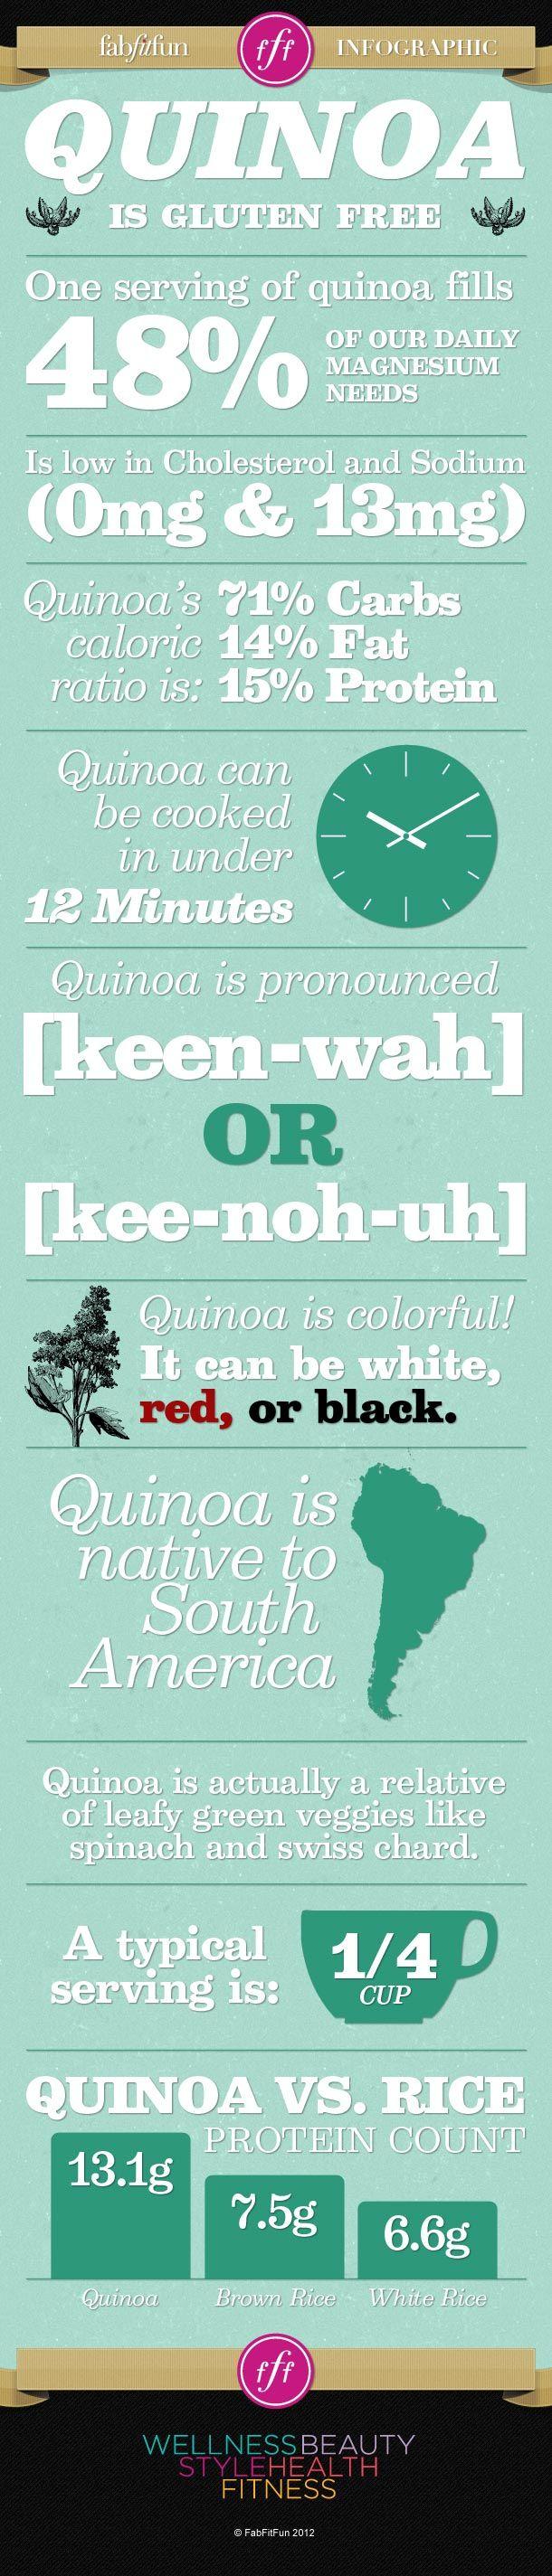 7 Reasons You Should Eat Quinoa I make a huge pot of quinoa (pronounced Keen-wah) e...